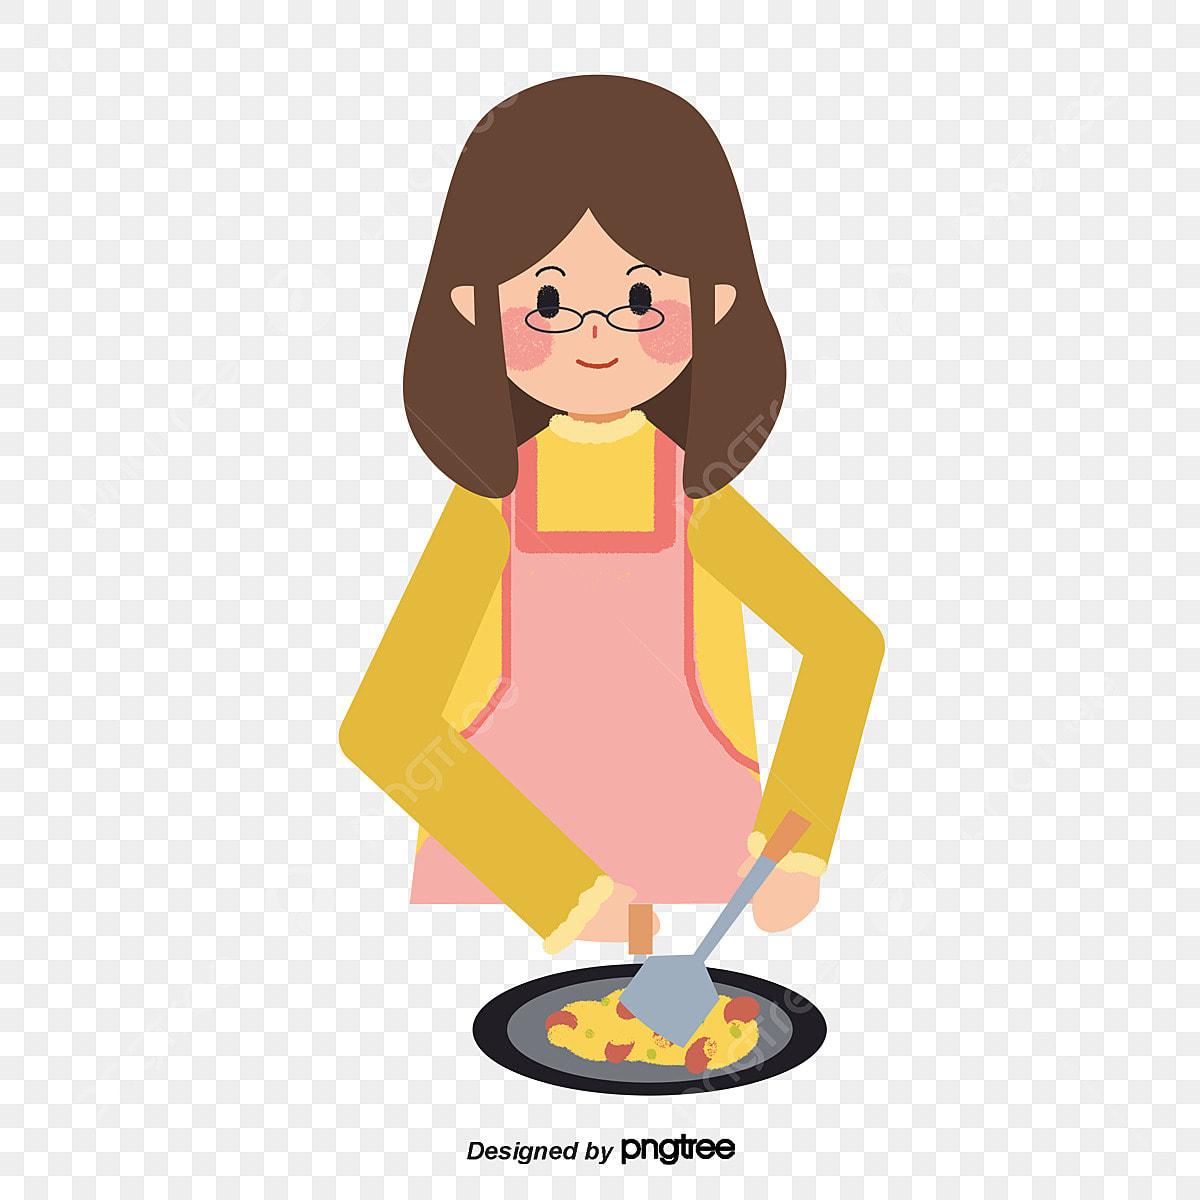 Gambar Ibu Dikelilingi Apron Memasak Memasak Dapur Apron Png Dan Psd Untuk Muat Turun Percuma